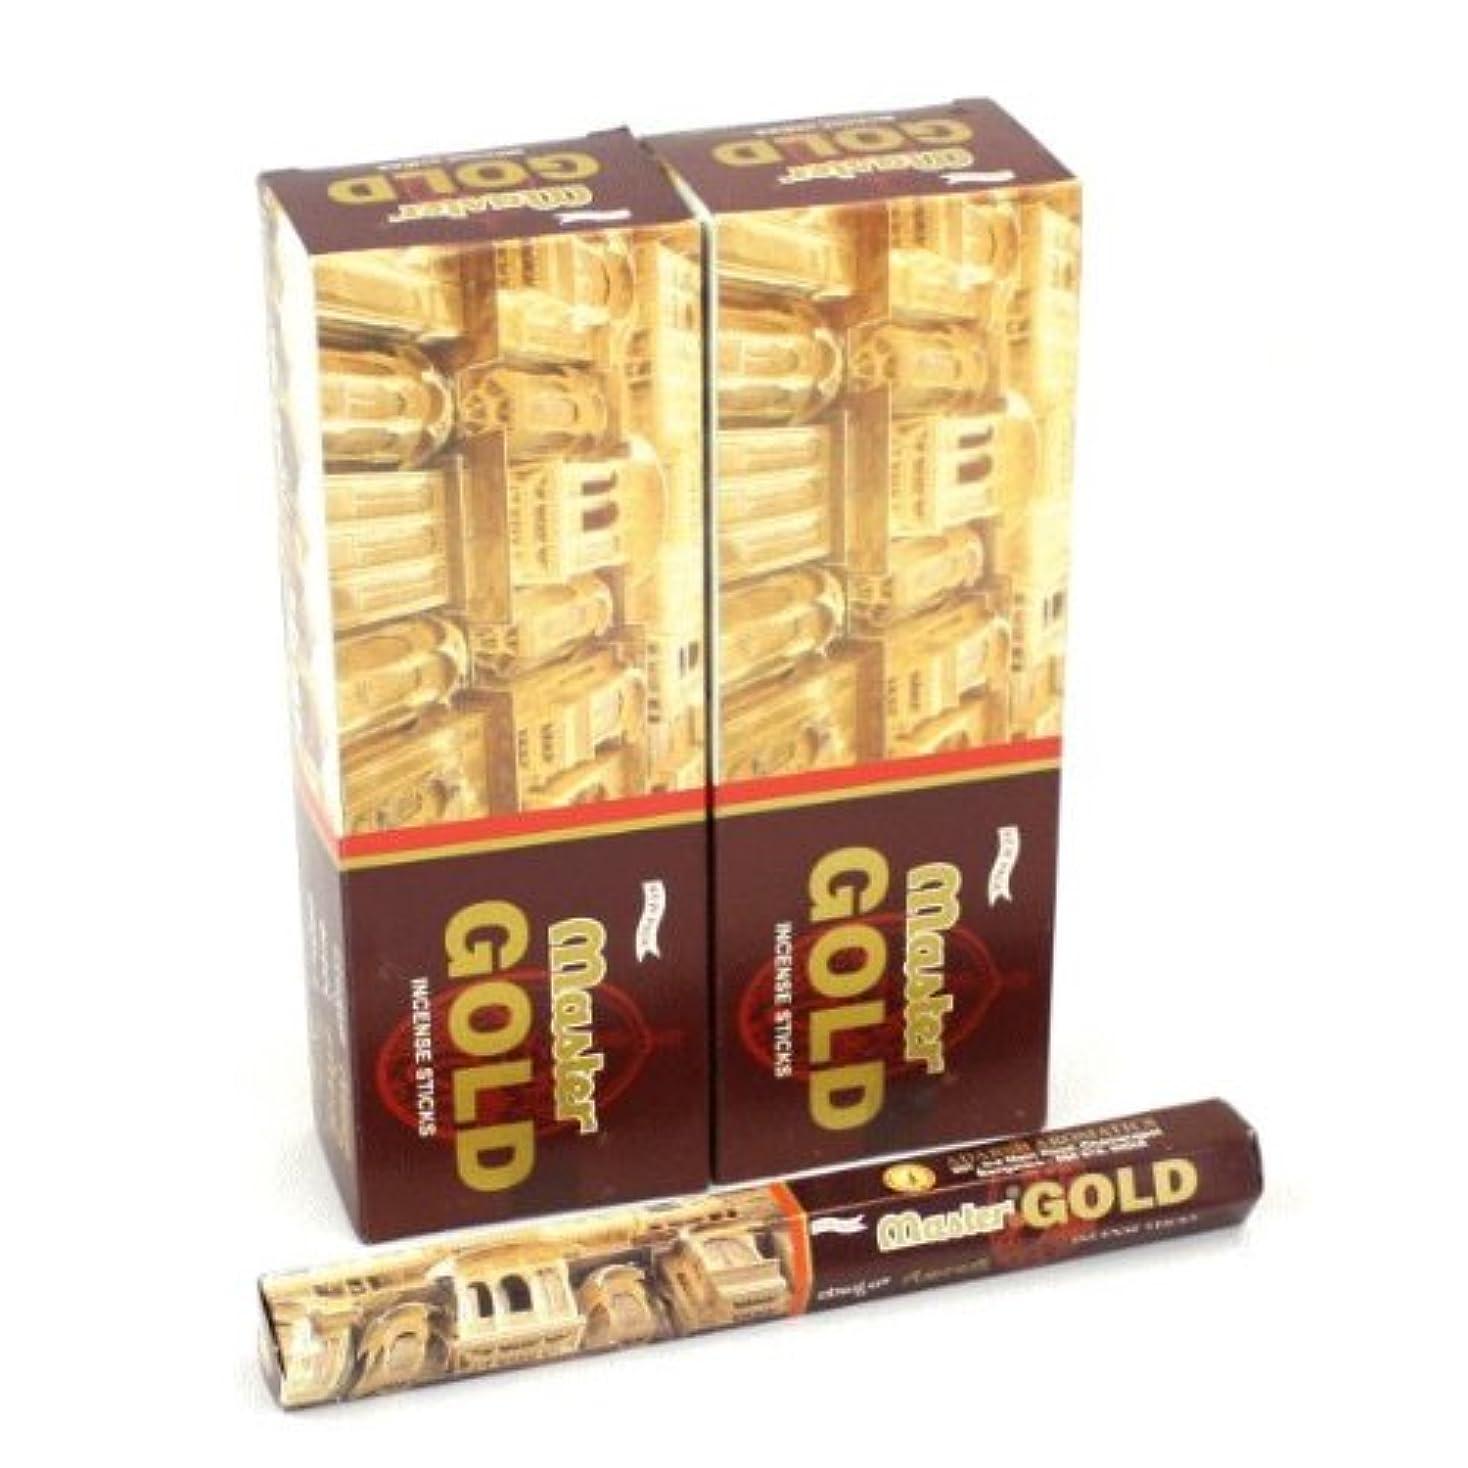 コード強風印をつけるADARSH マスターゴールド香 スティック ヘキサパック(六角) 12箱セット MASTER GOLD